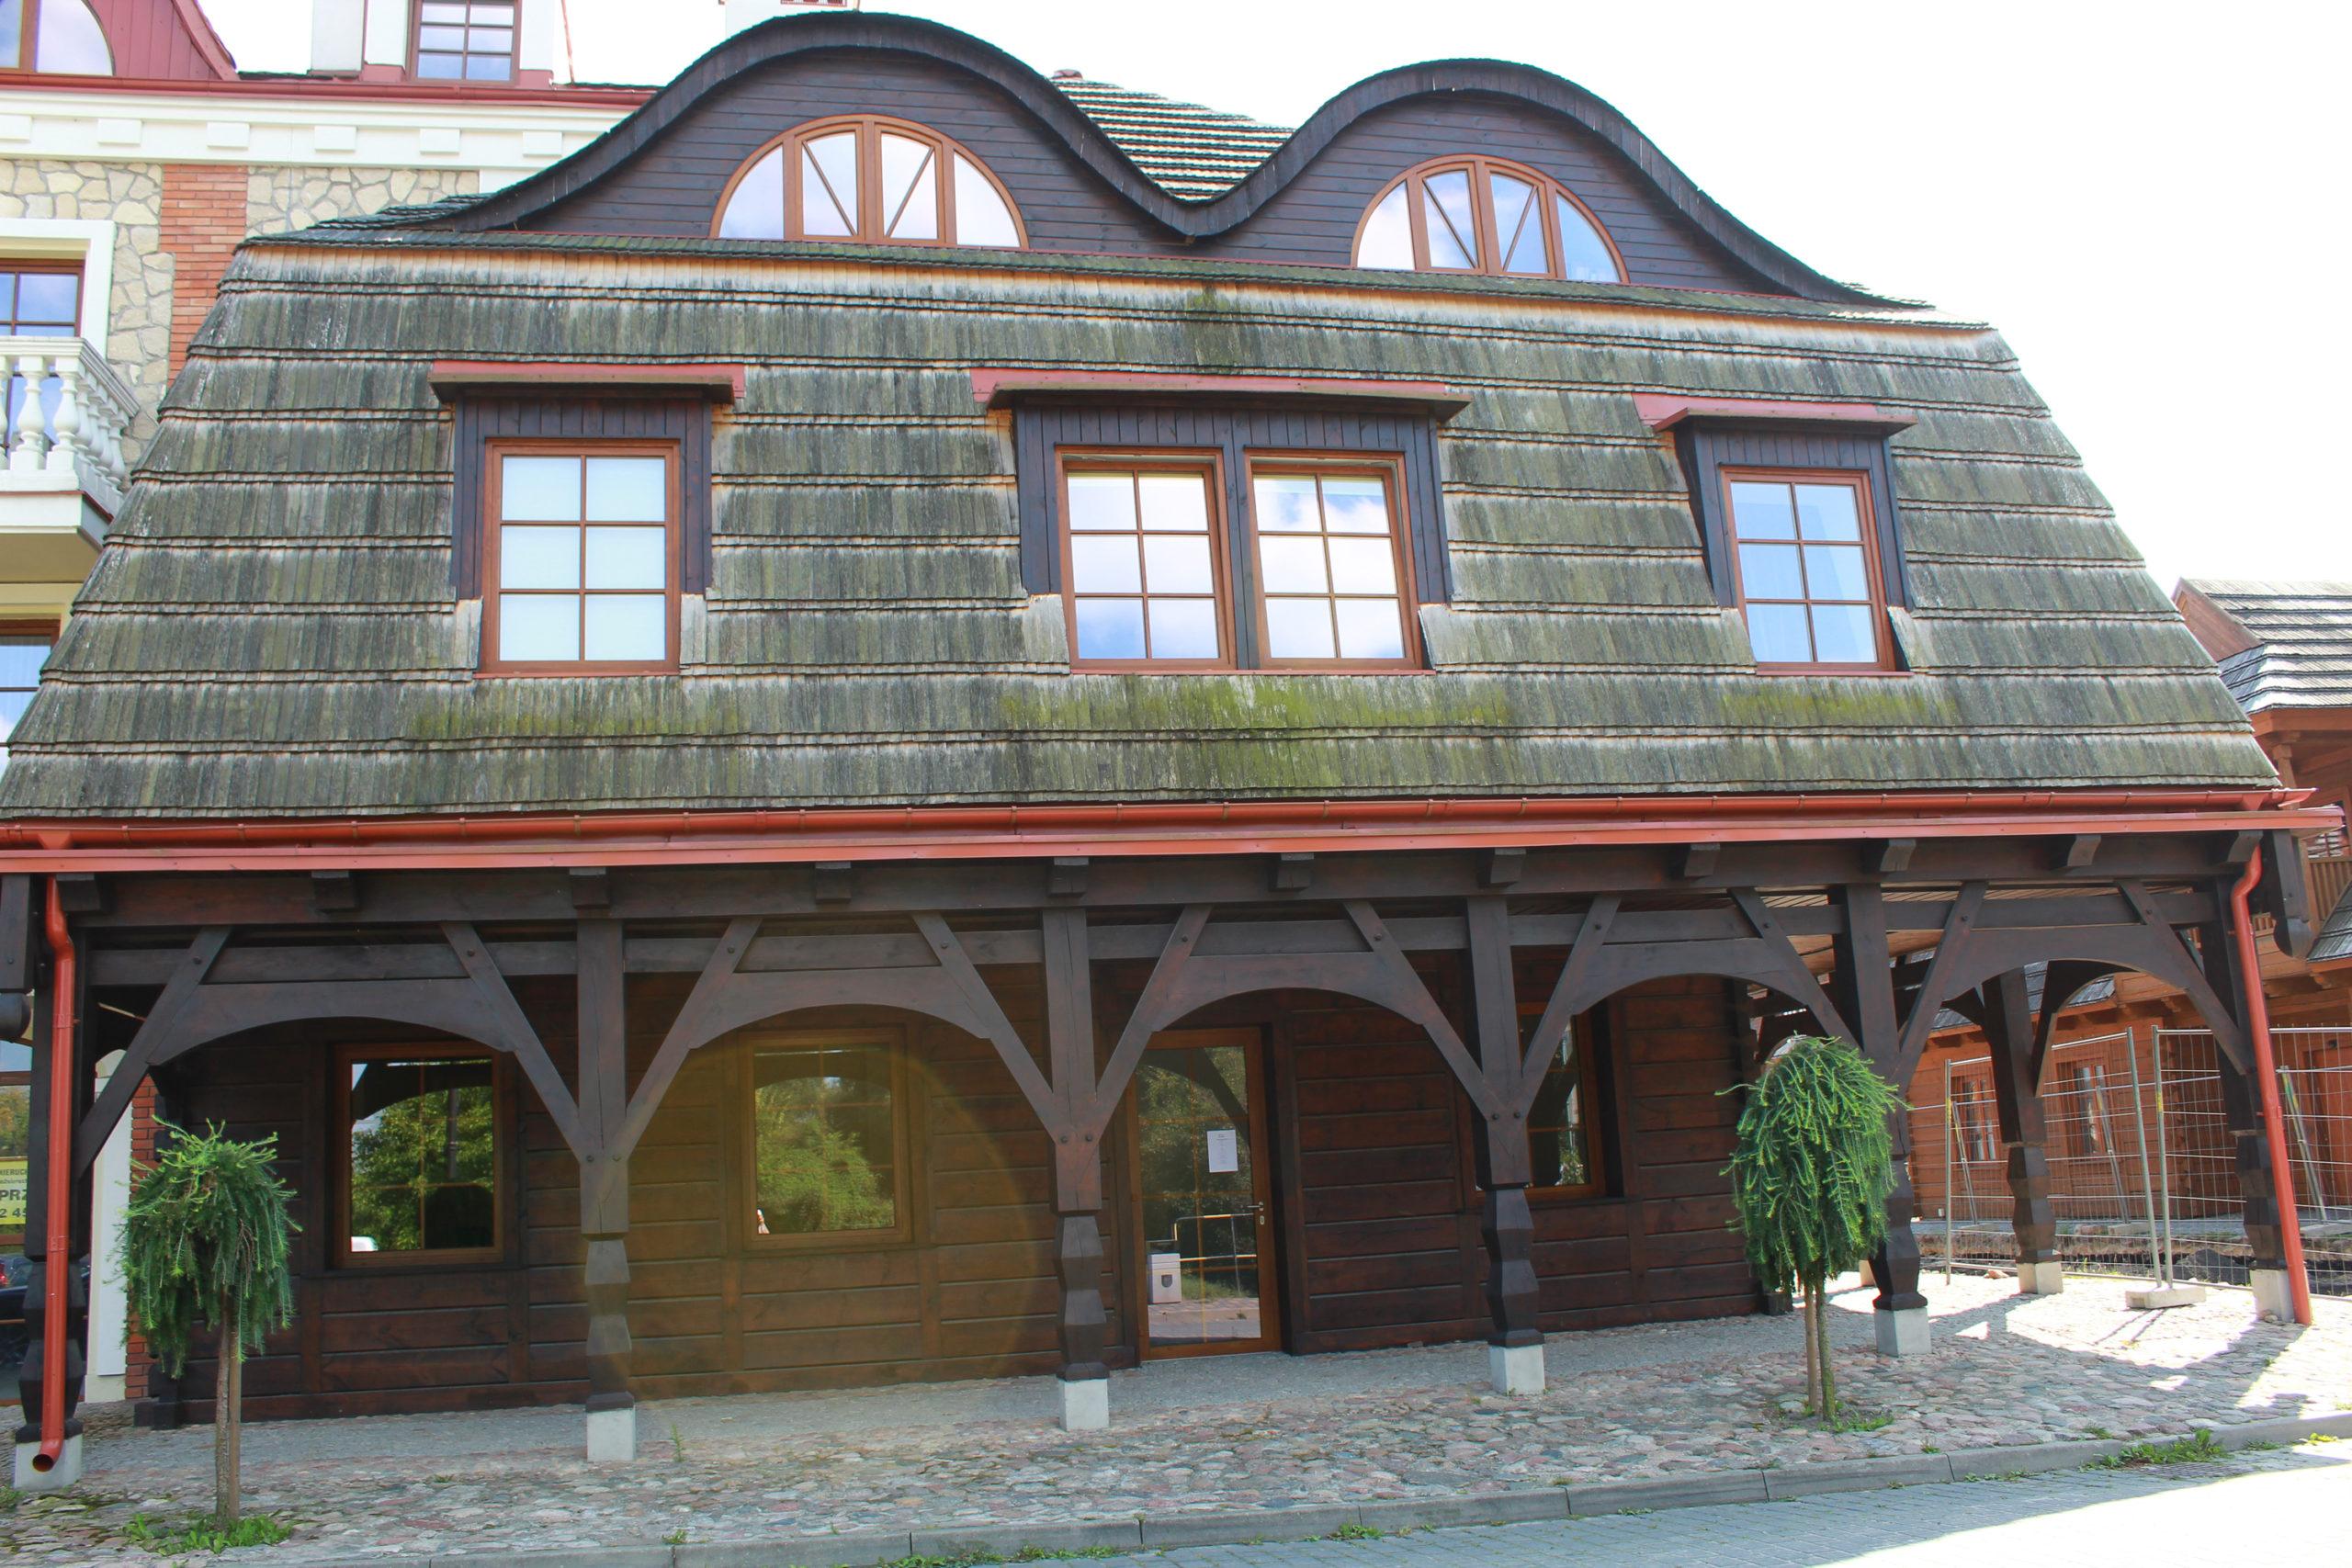 drewniany budynek w mieście